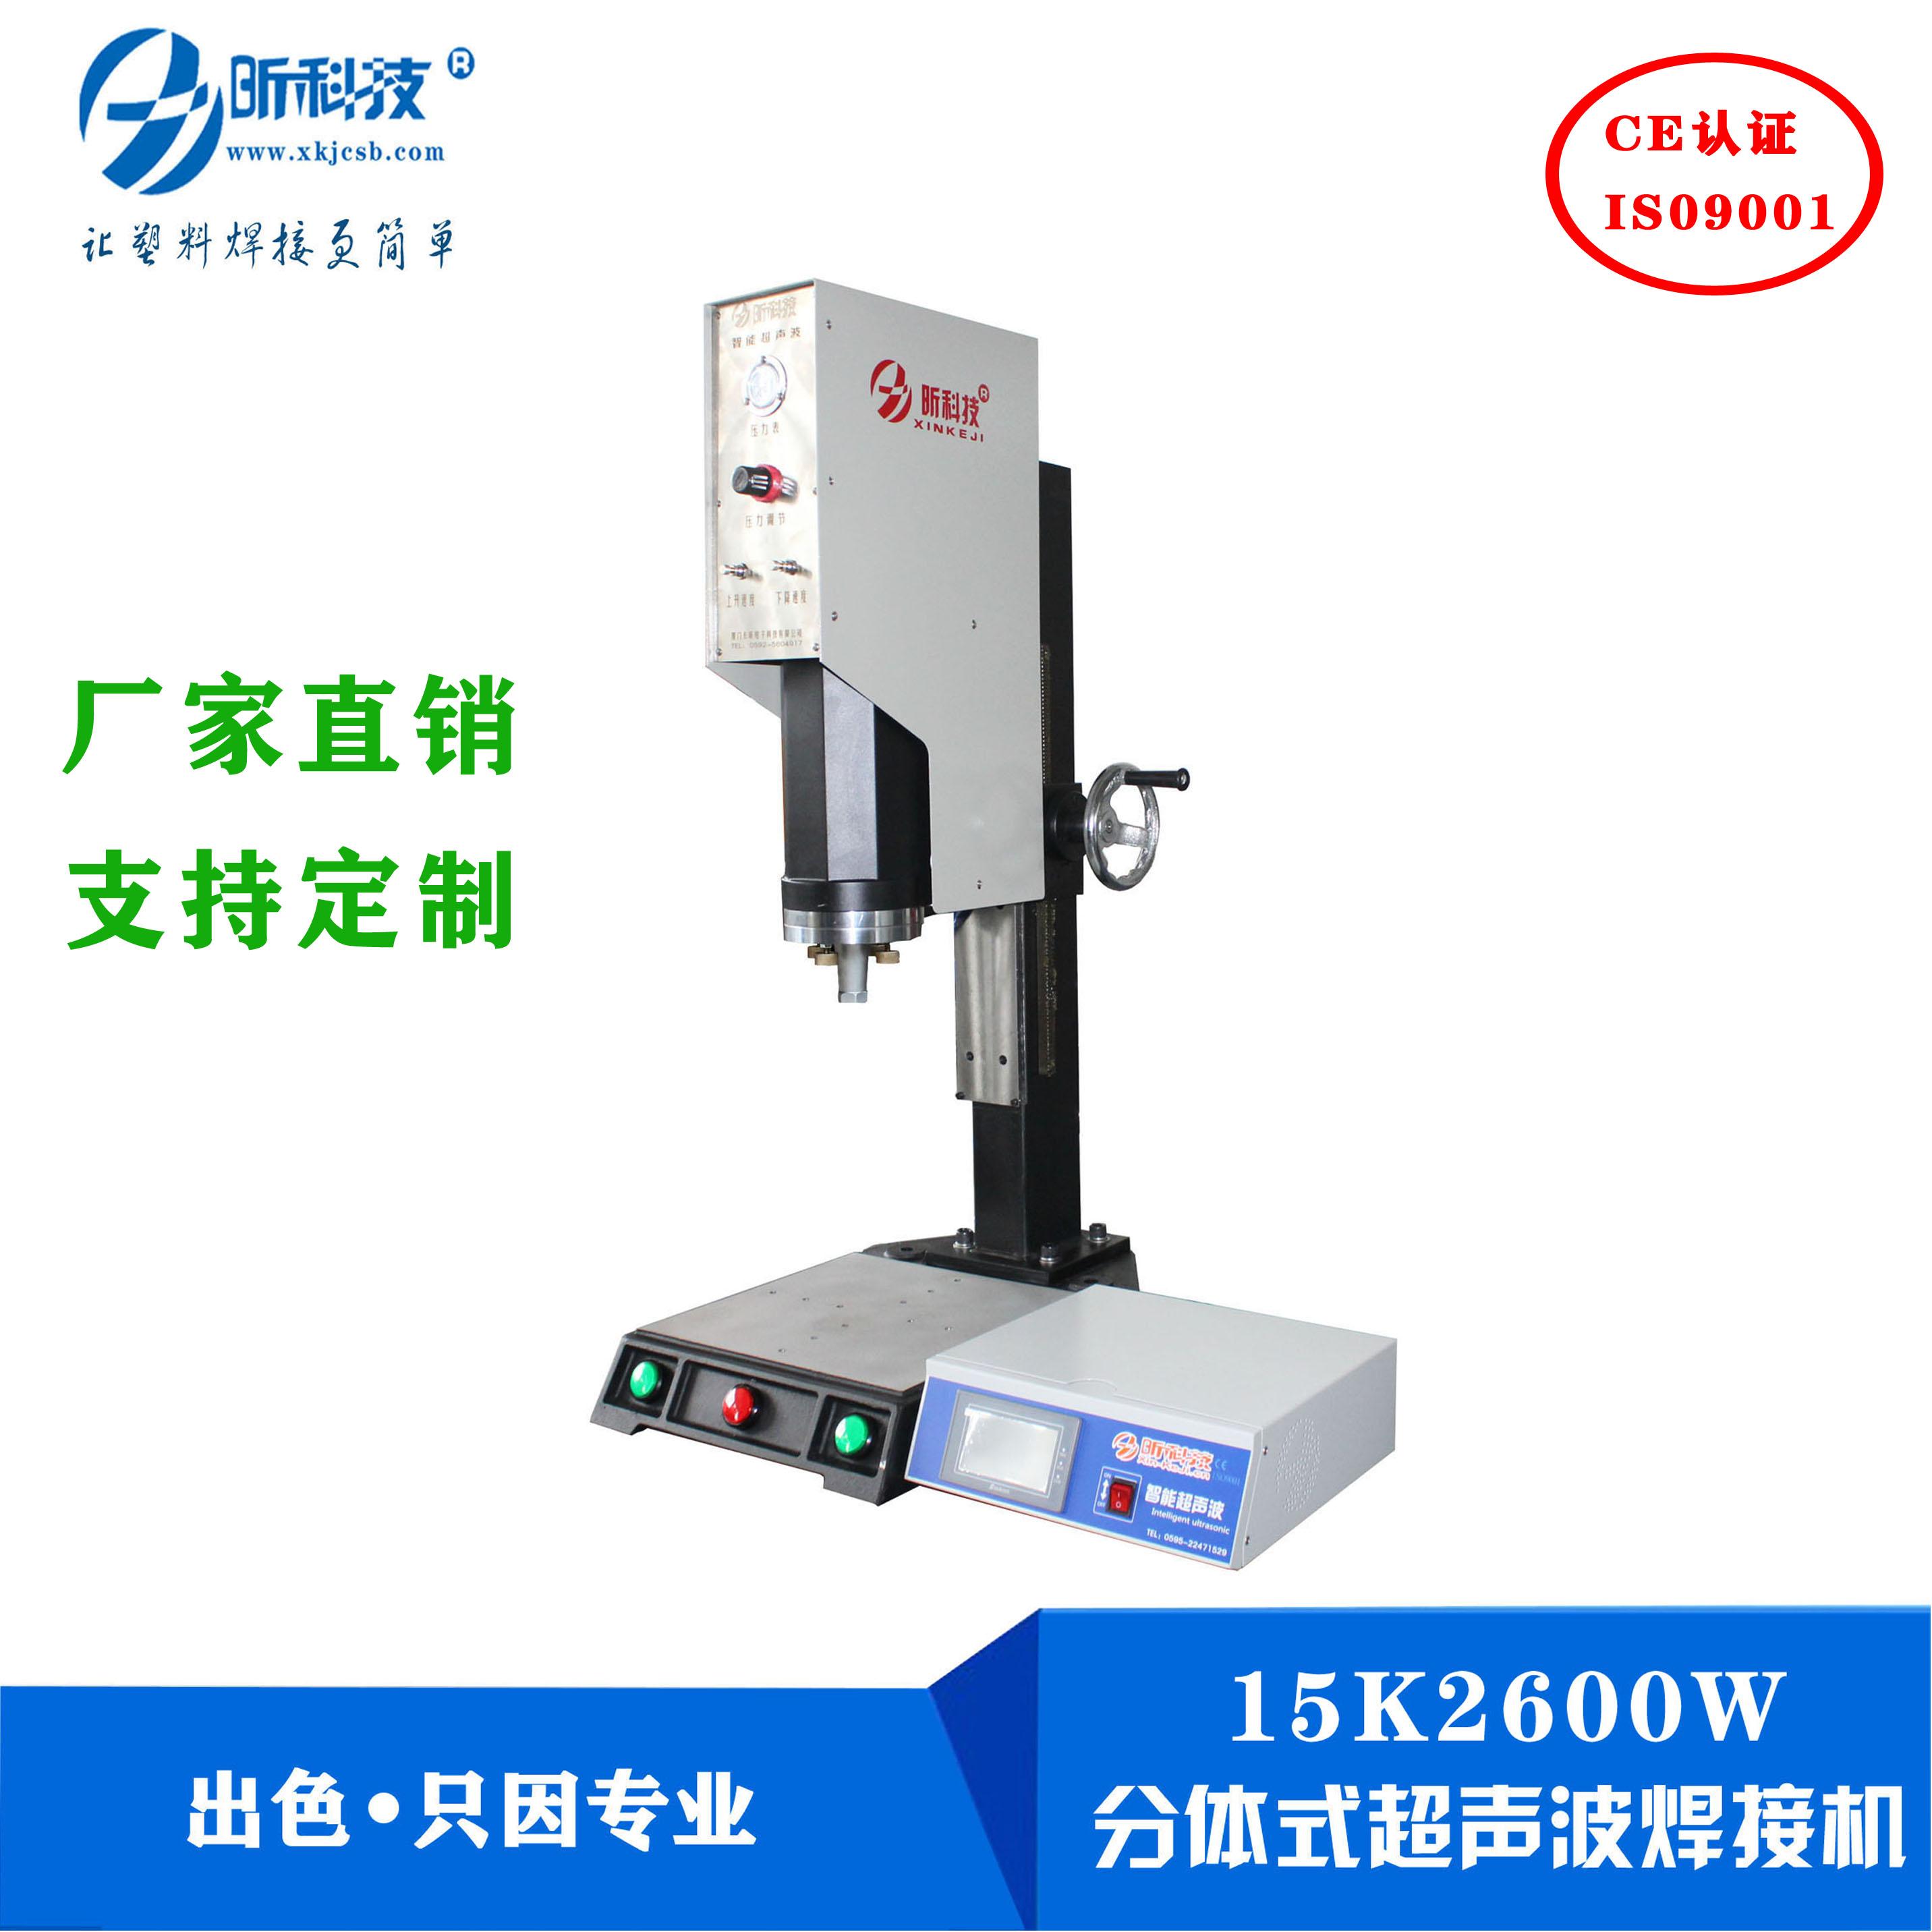 15K 2600W分体式标准型